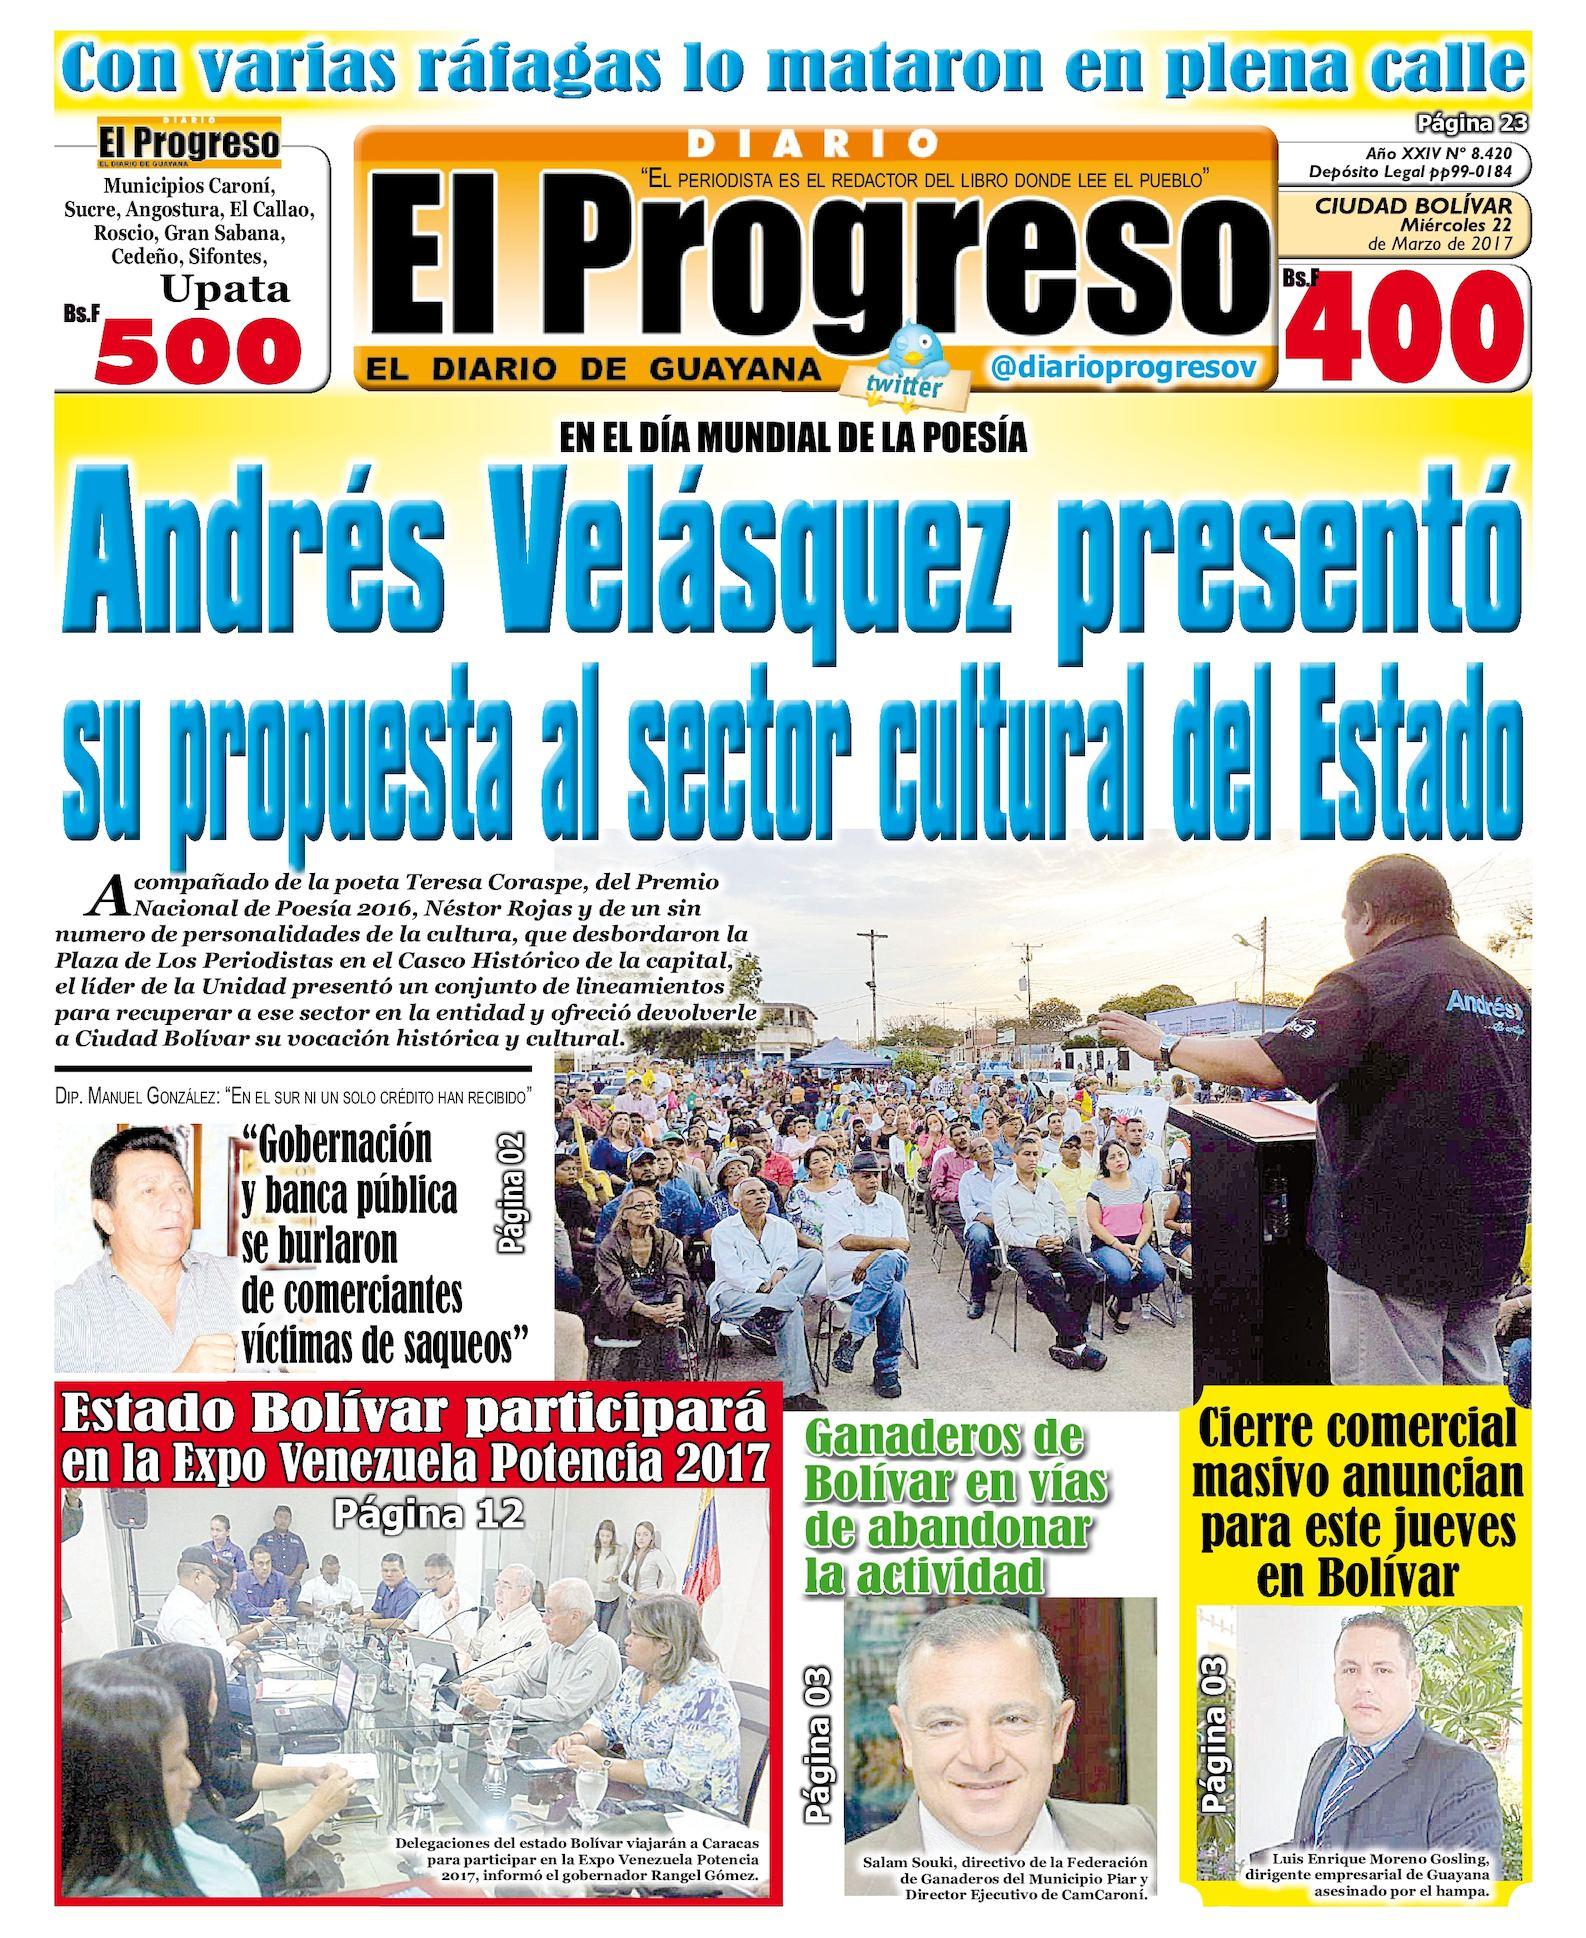 Calaméo - Diarioelprogreso2017 03 22